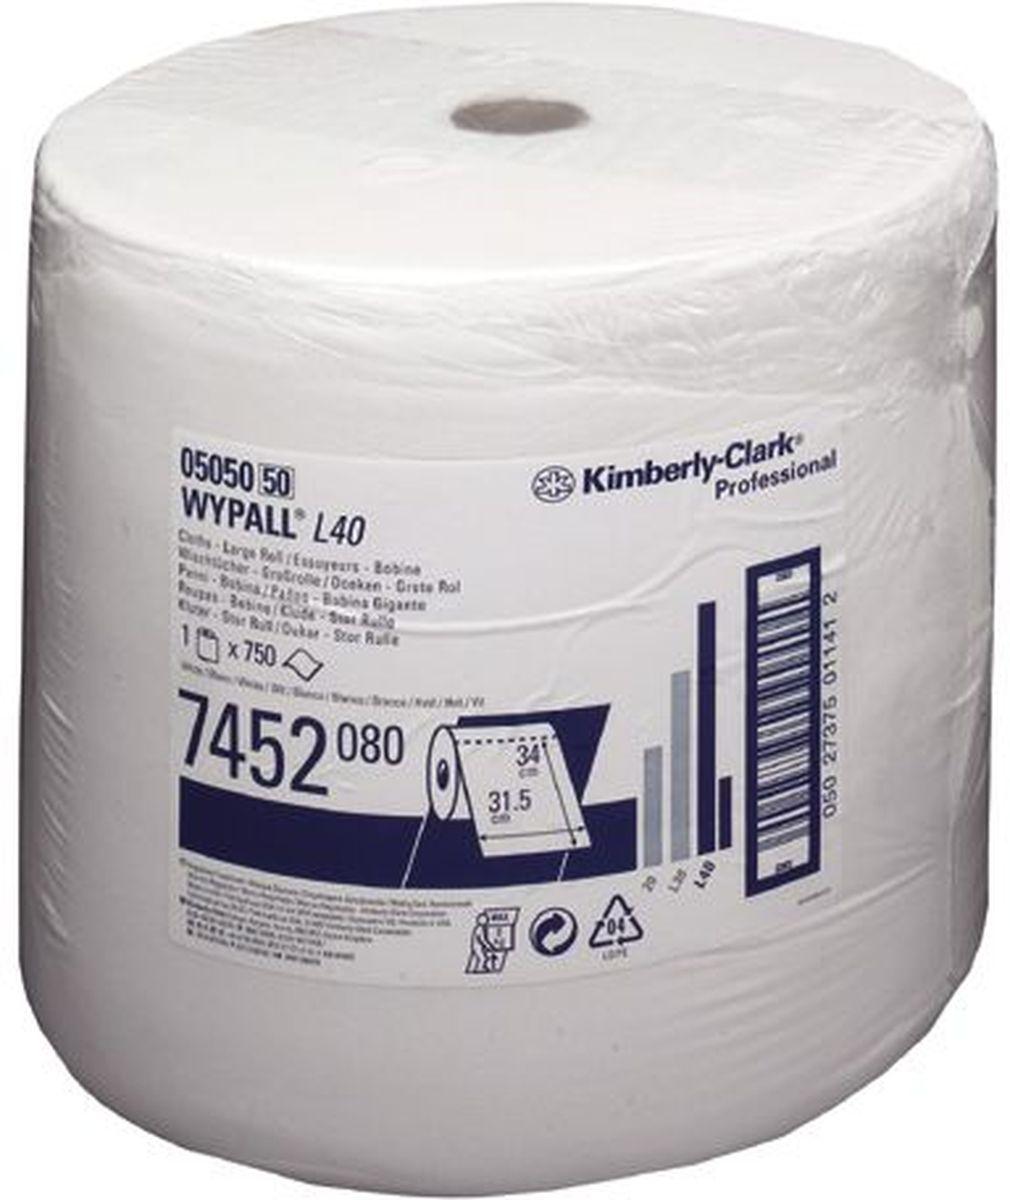 Салфетка протирочная Wypall L40, 750 листов. 74527452Протирочные салфетки с ограниченным сроком службы, произведенные при помощи технологии AIRFLEX®, отличаются прочностью и отличной впитывающей способностью, что позволяет быстро и экономно выполнять очистку, расходуя меньше салфеток и сокращая затраты. Идеальное решение для операций ежедневной очистки на производственных участках, очистки технологических линий, быстрого устранения крупных разливов масла, смазки, протирки рук и лица пациентов в медицинских учреждениях; помогает предотвратить распространение бактерий. Формат поставки: большой рулон с перфорацией для зон с высокой проходимостью. Может использоваться с переносными или стационарными диспенсерами для контроля расхода продукта и уменьшения объема отходов.